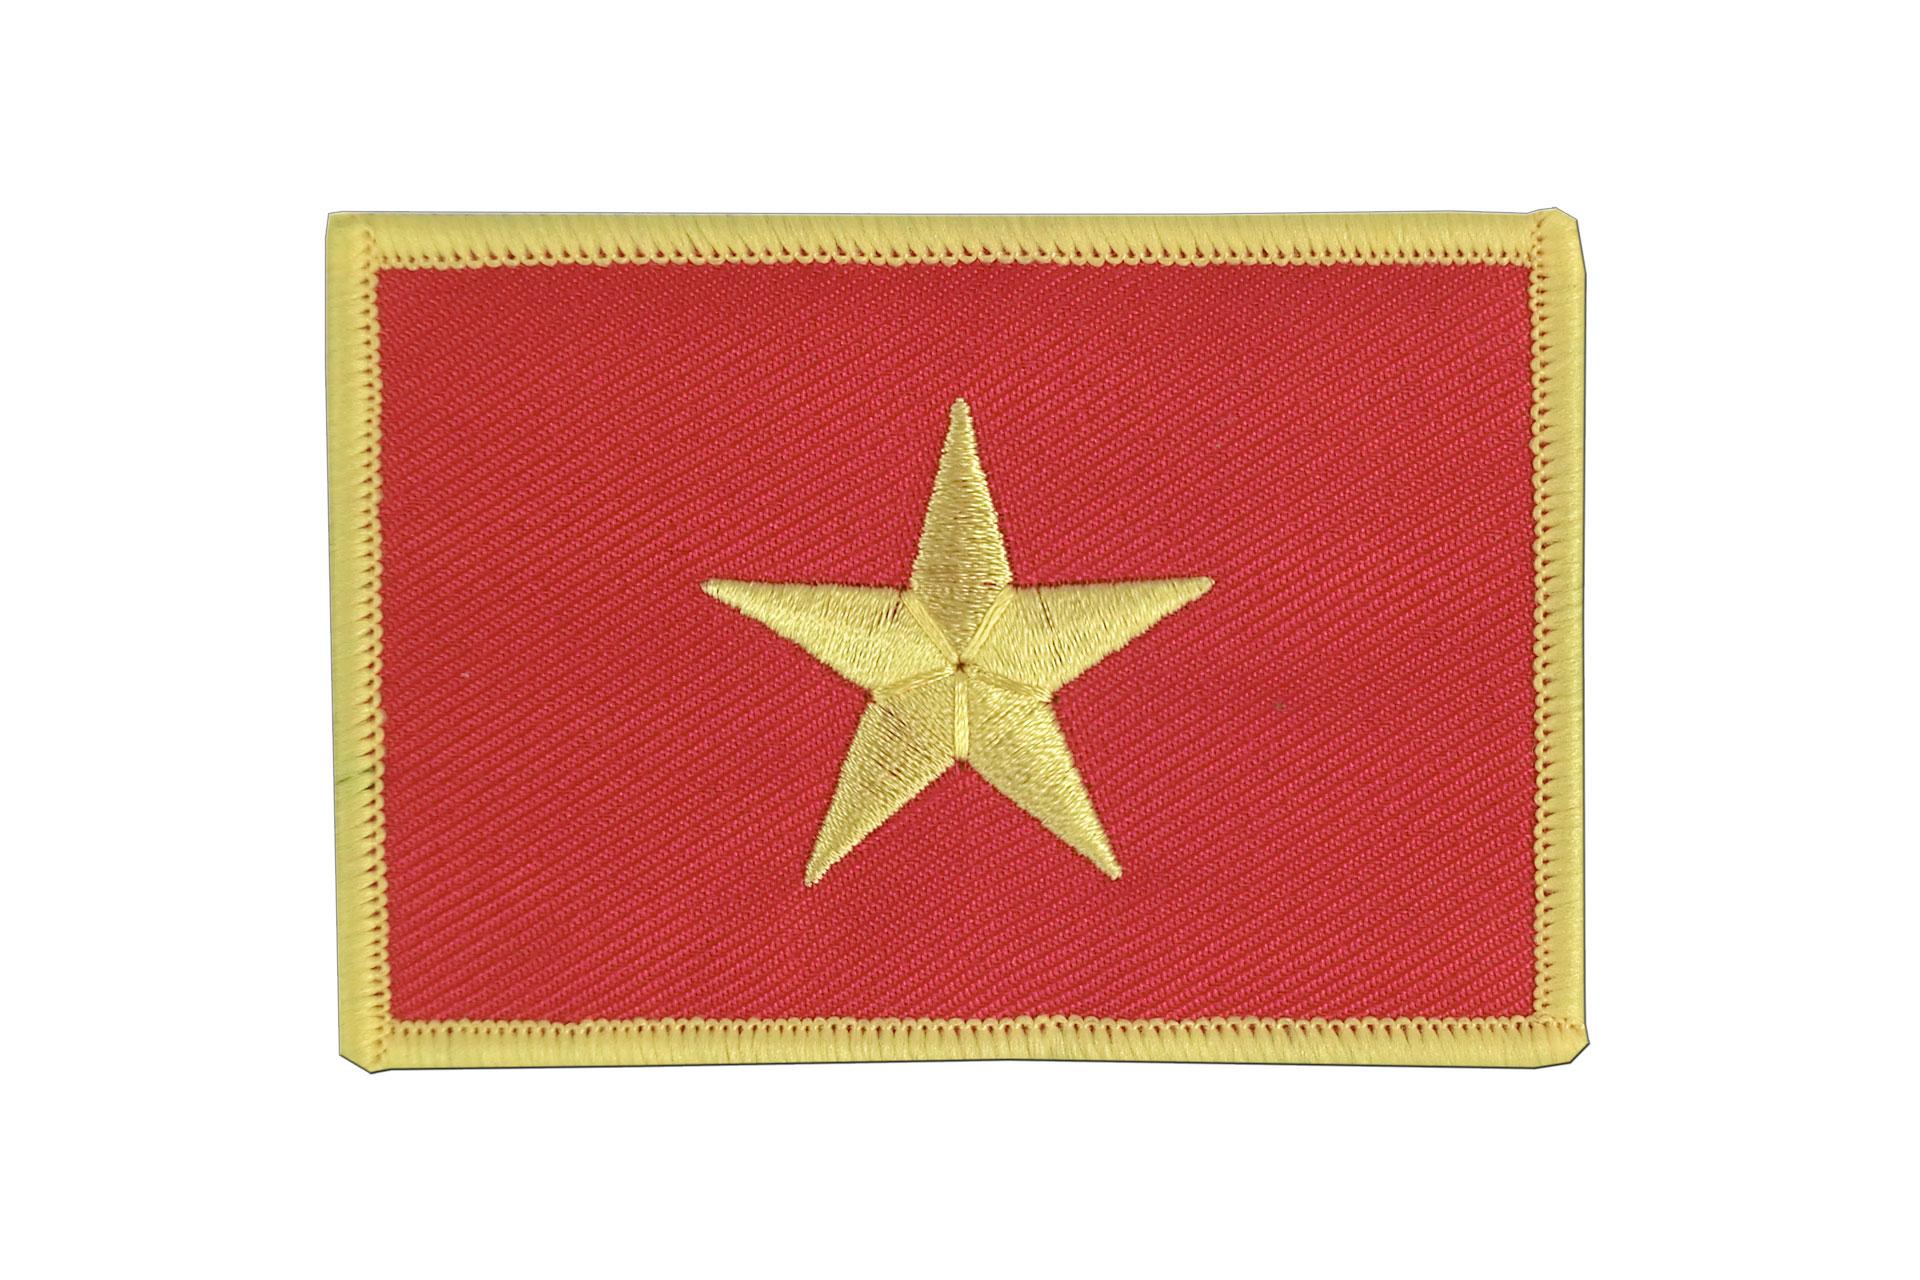 Cusson vi t nam vietnam monsieur des drapeaux - Ecusson as monaco ...